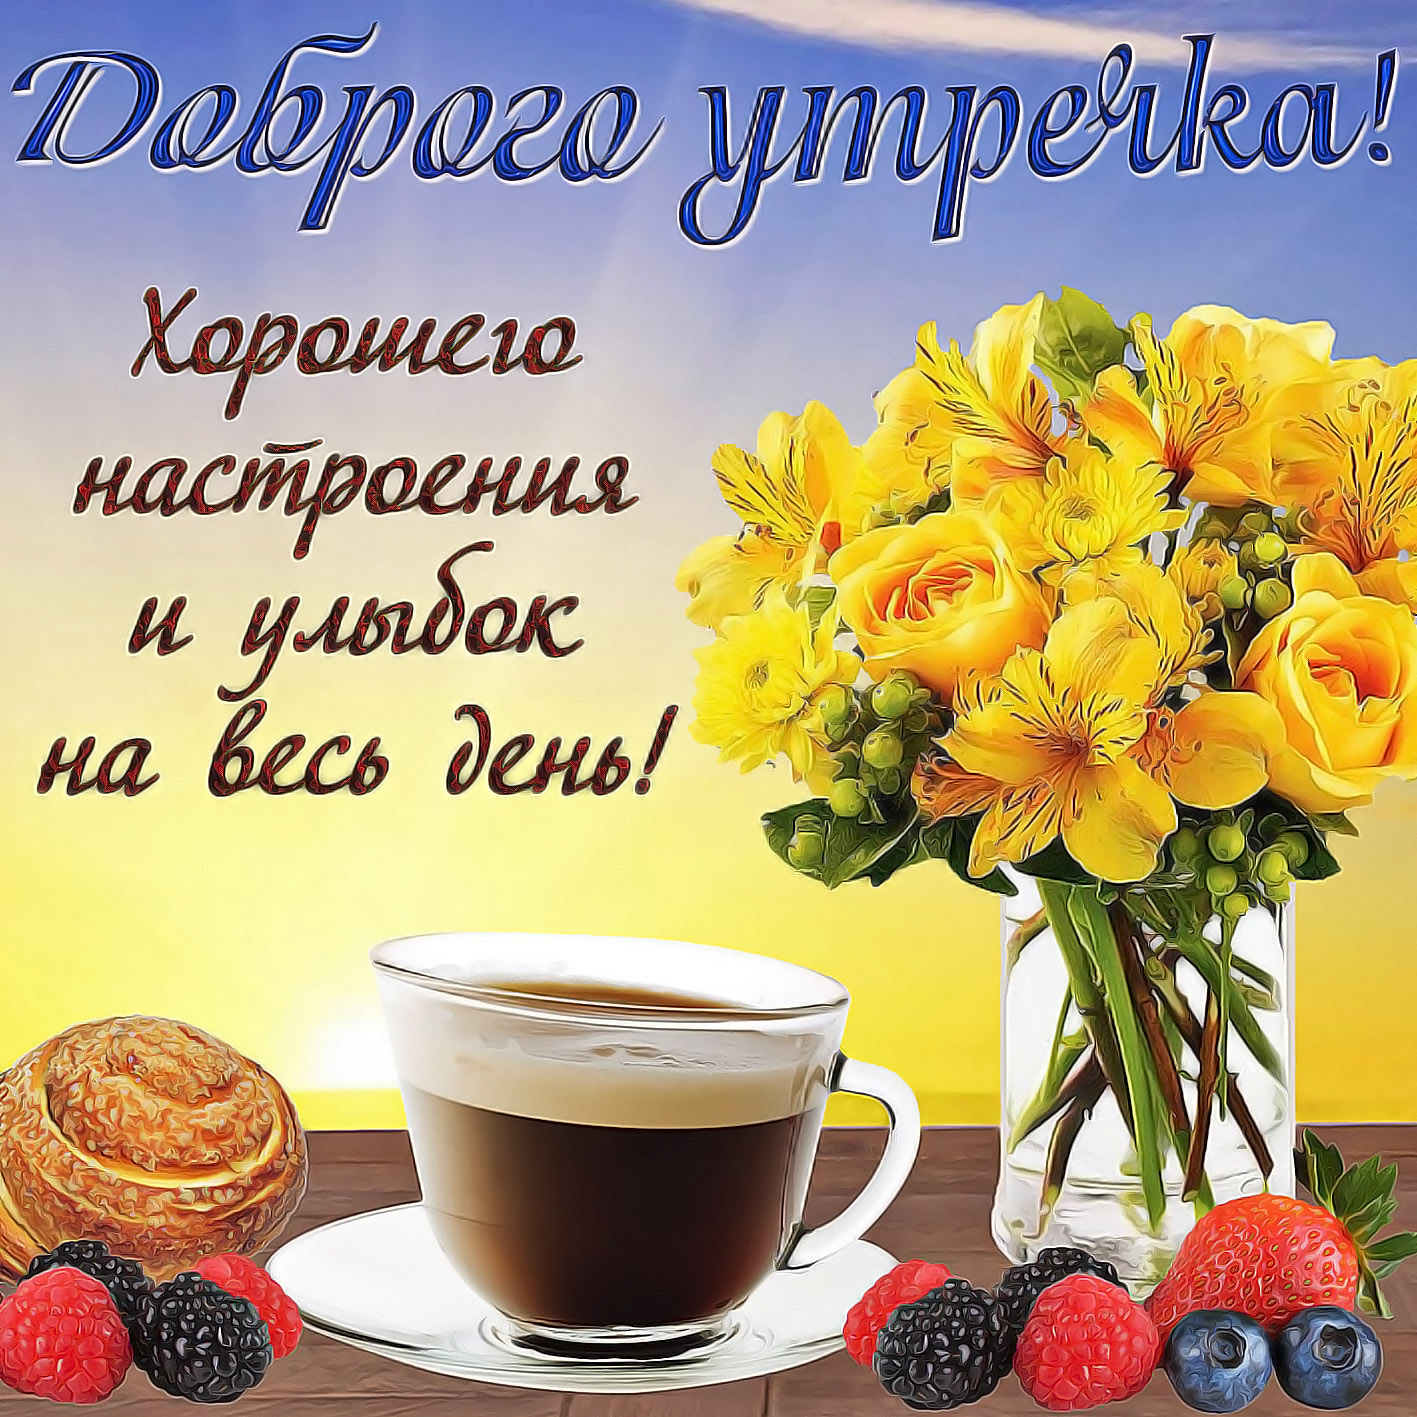 Самого доброго утра картинки с пожеланием